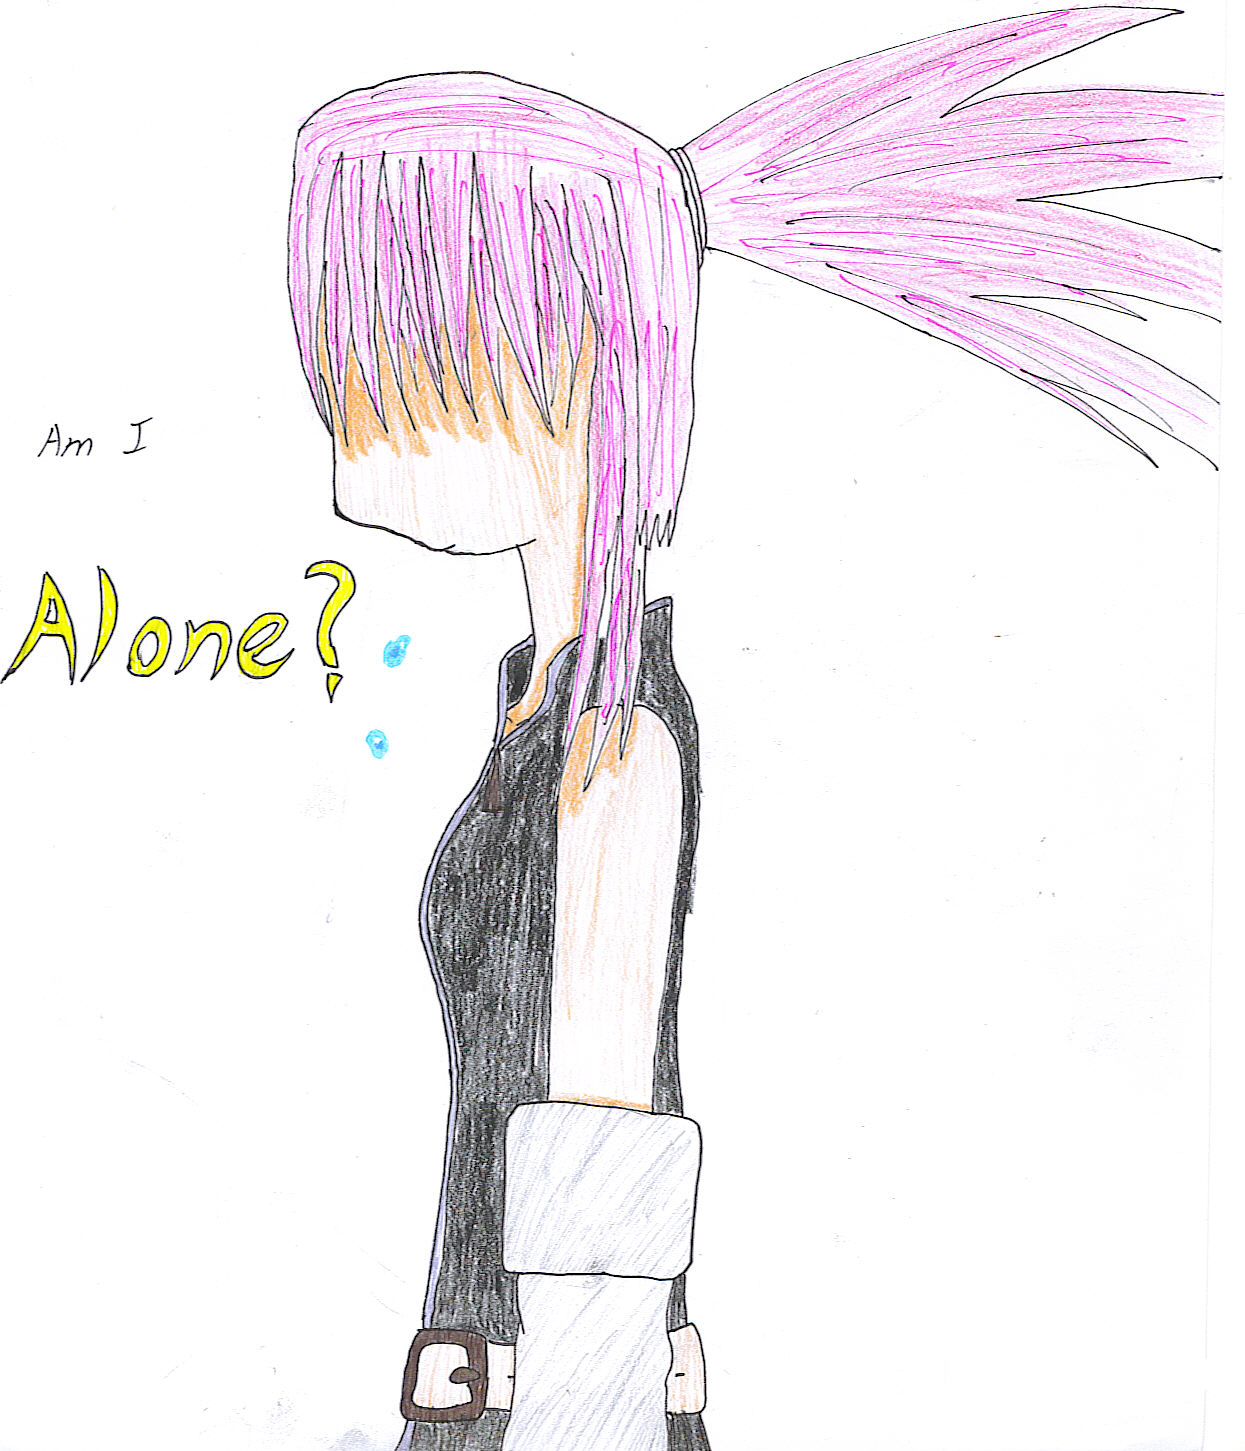 Alone by Nami_Kairi